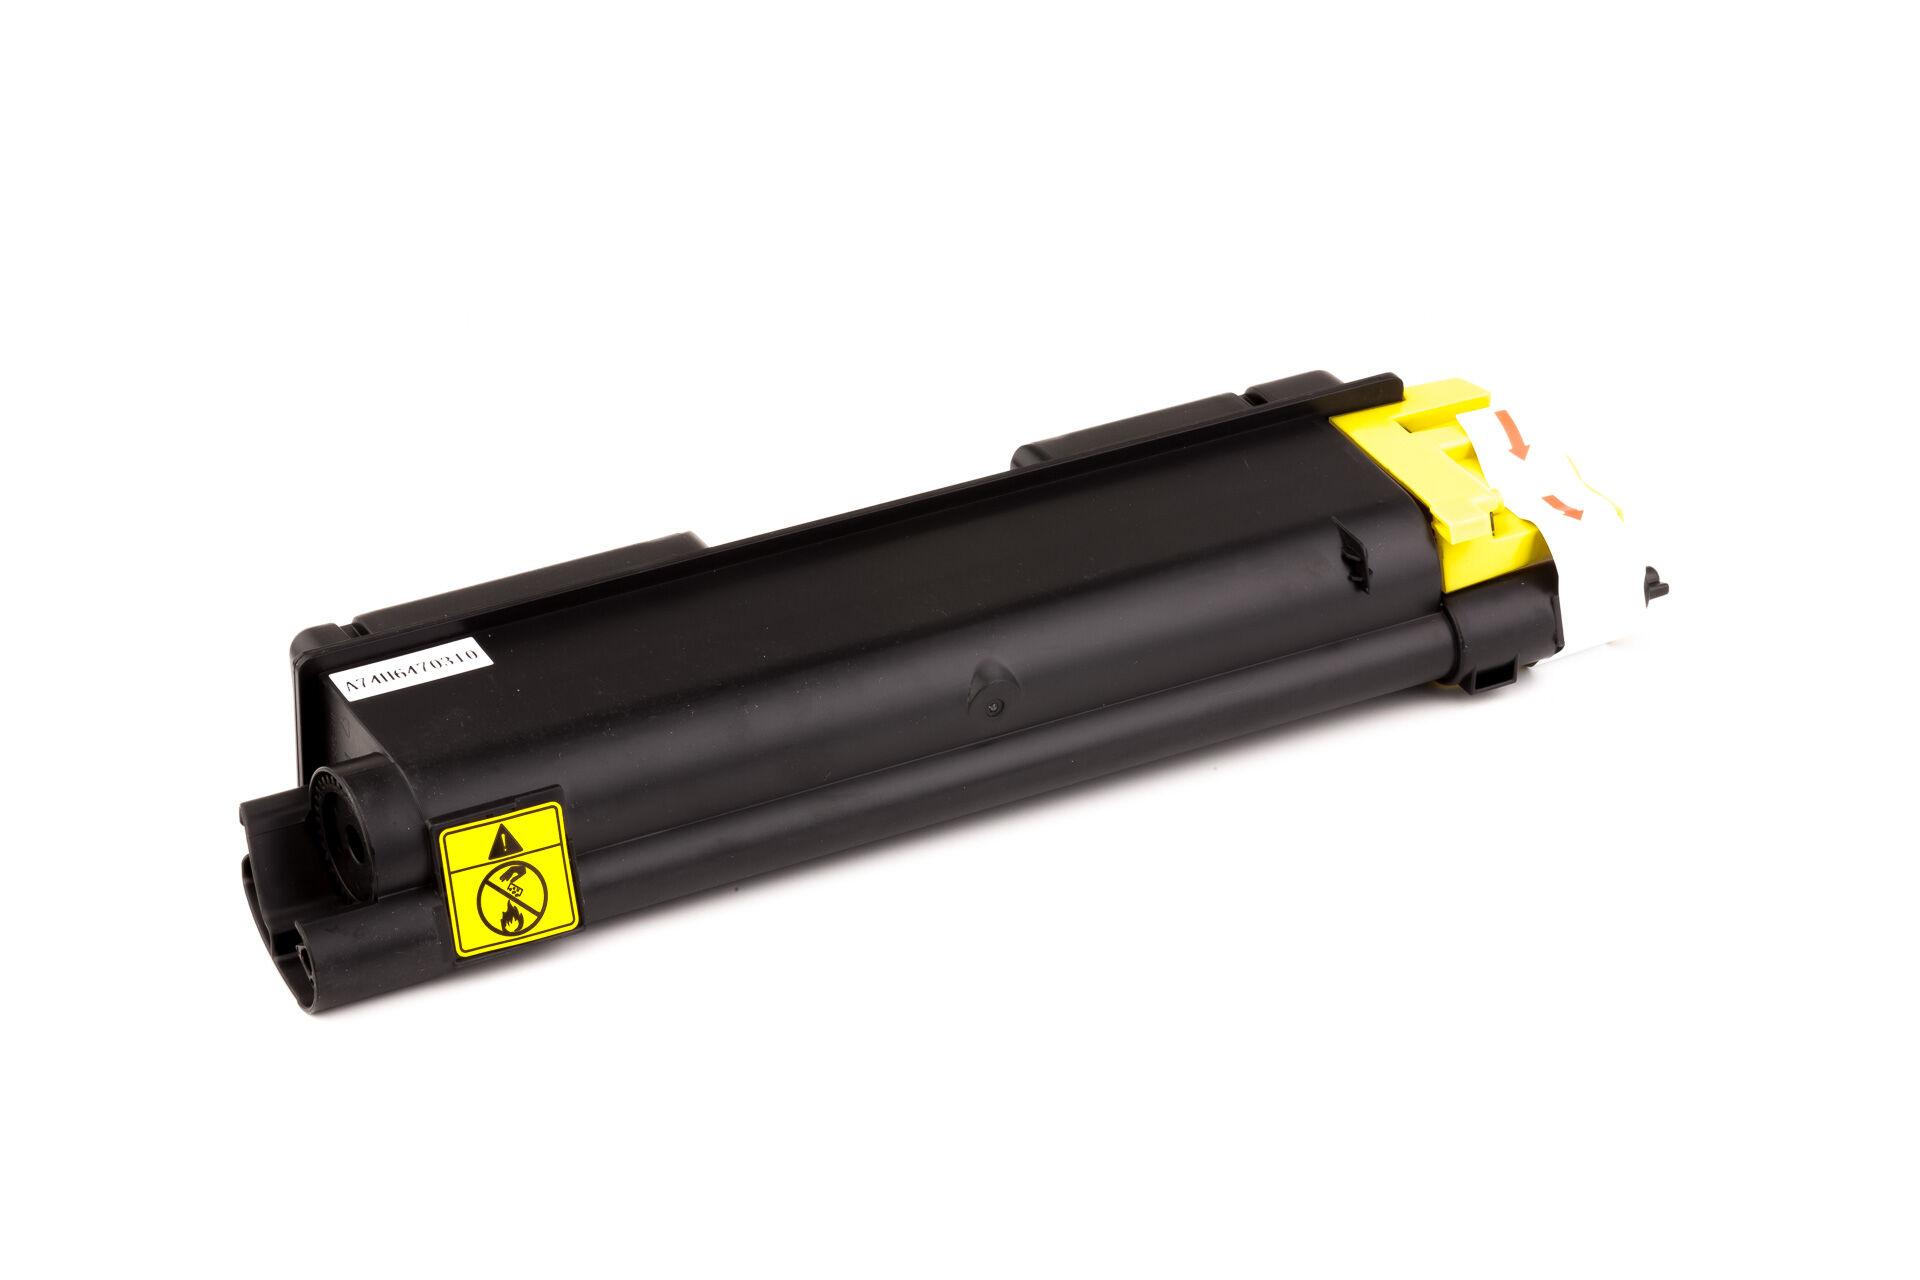 Kyocera Cartouche de Toner pour Kyocera 1T02KVANL0 / TK-590 Y jaune compatible (de marque ASC)